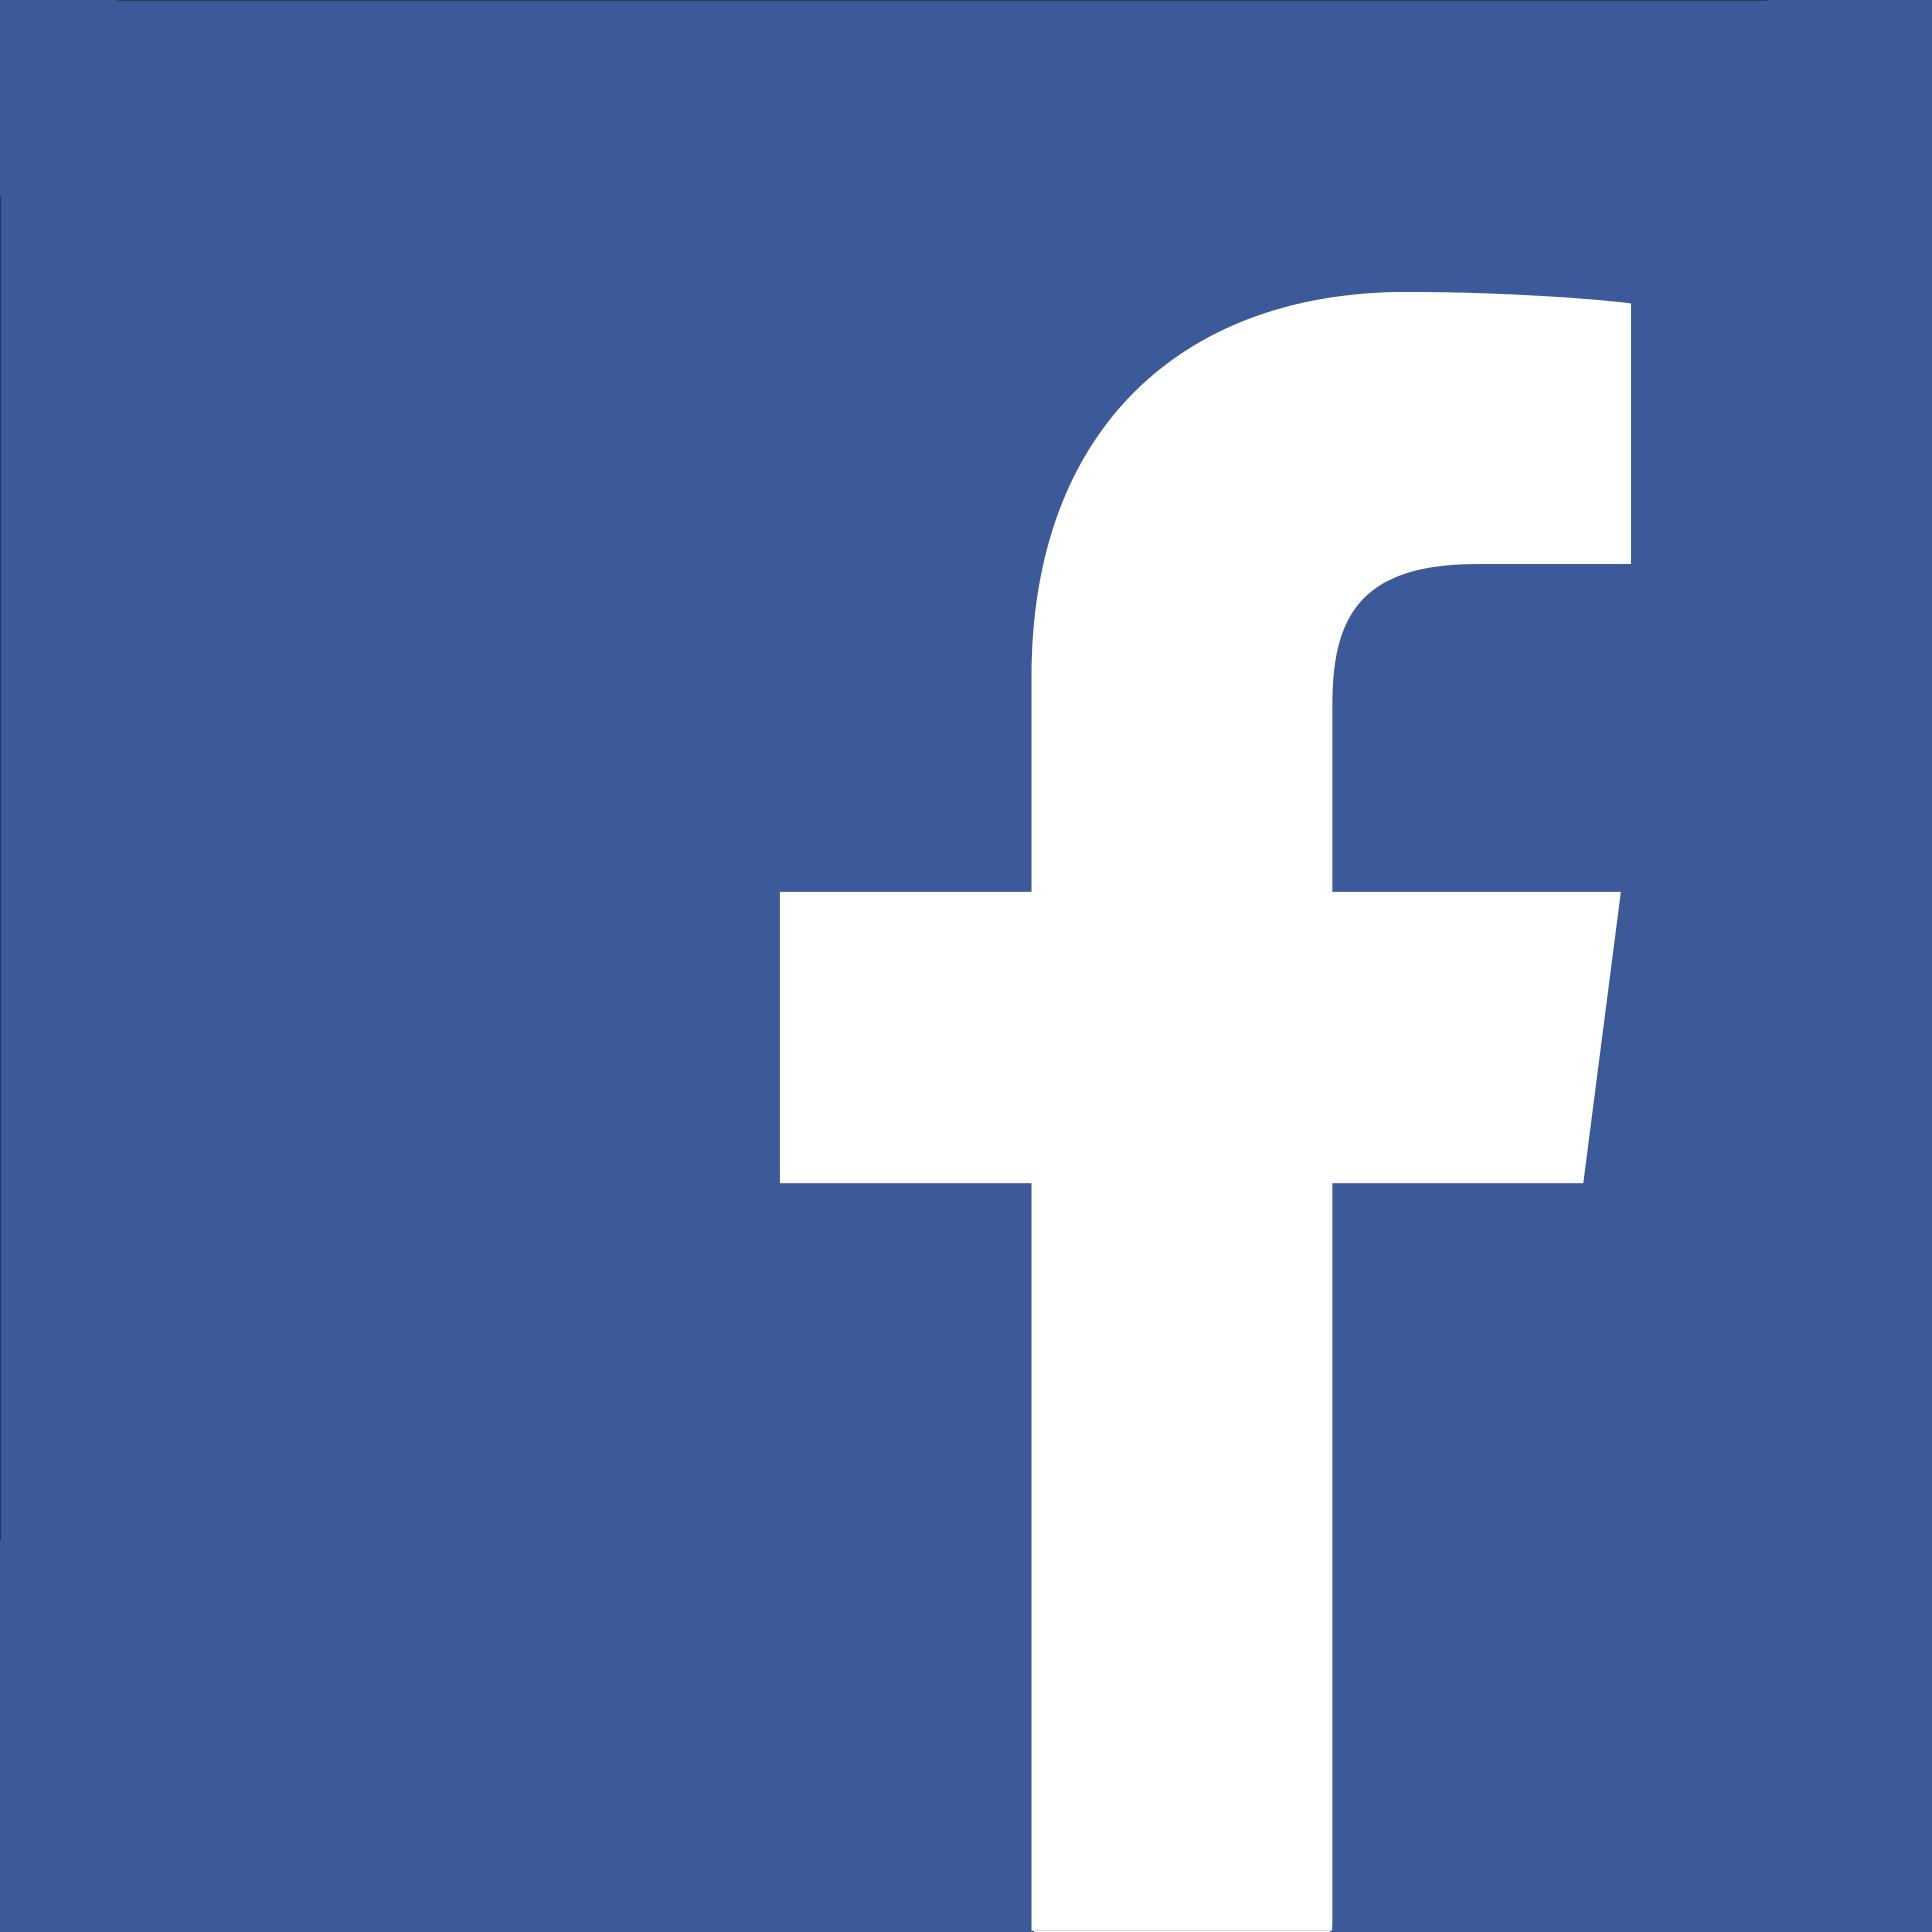 Autohaus Lick auf facebook